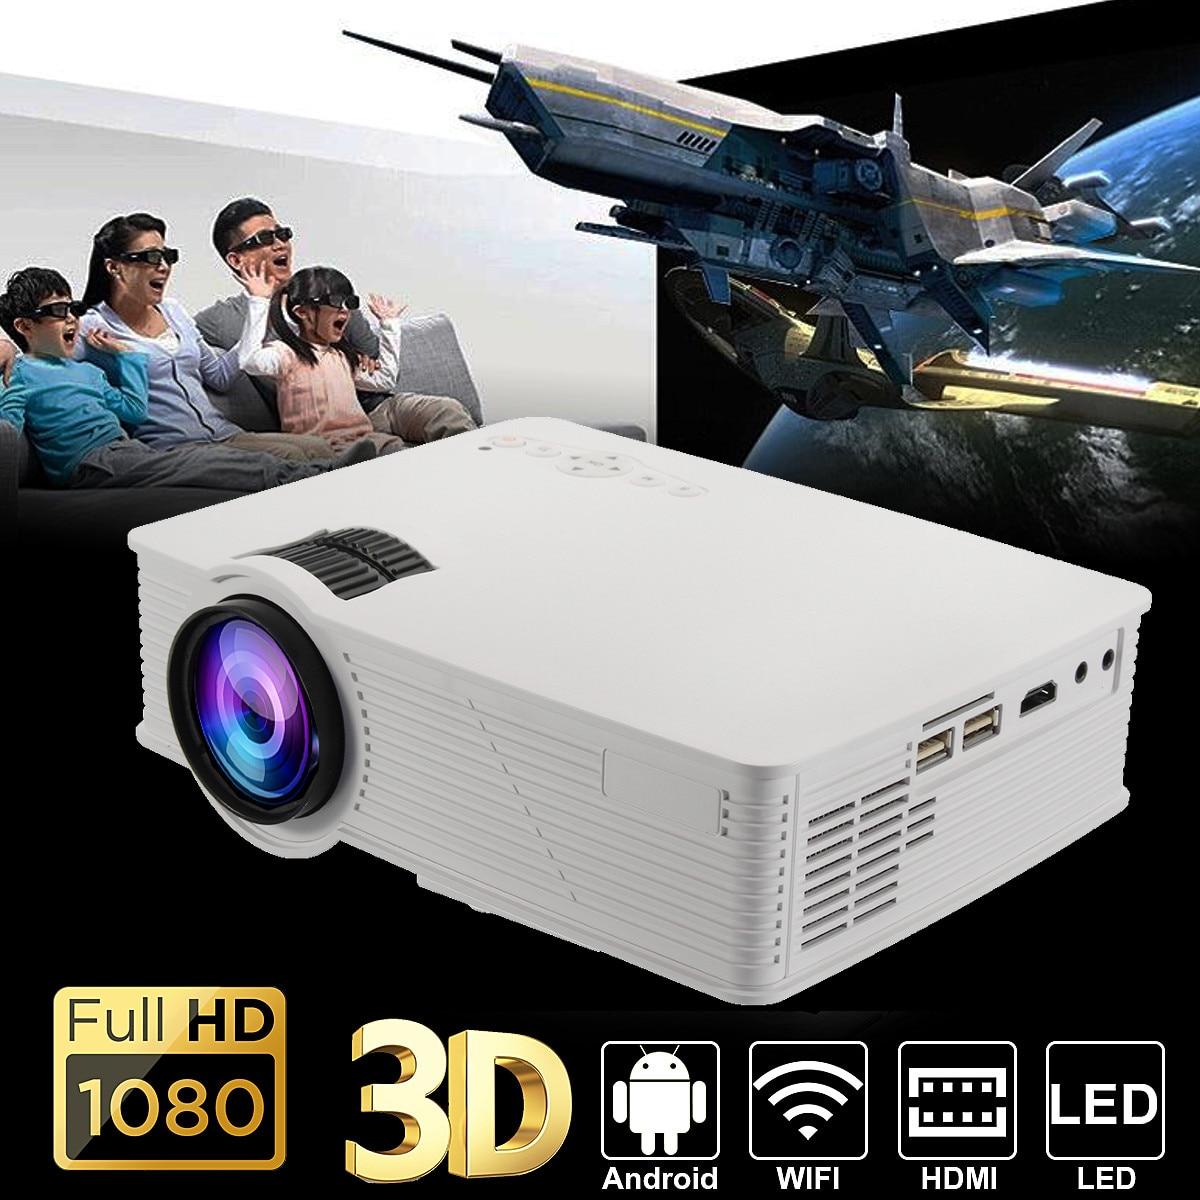 Verantwortlich 7000 Lumen Led Wifi Projektor 1080 P Volle Hd Android4.4 3d Multimedia Usb/sd/hdmi/vga/ Av/tv Für Theater Home Cinema Au/us-stecker Durch Wissenschaftlichen Prozess Home Entertainment-system